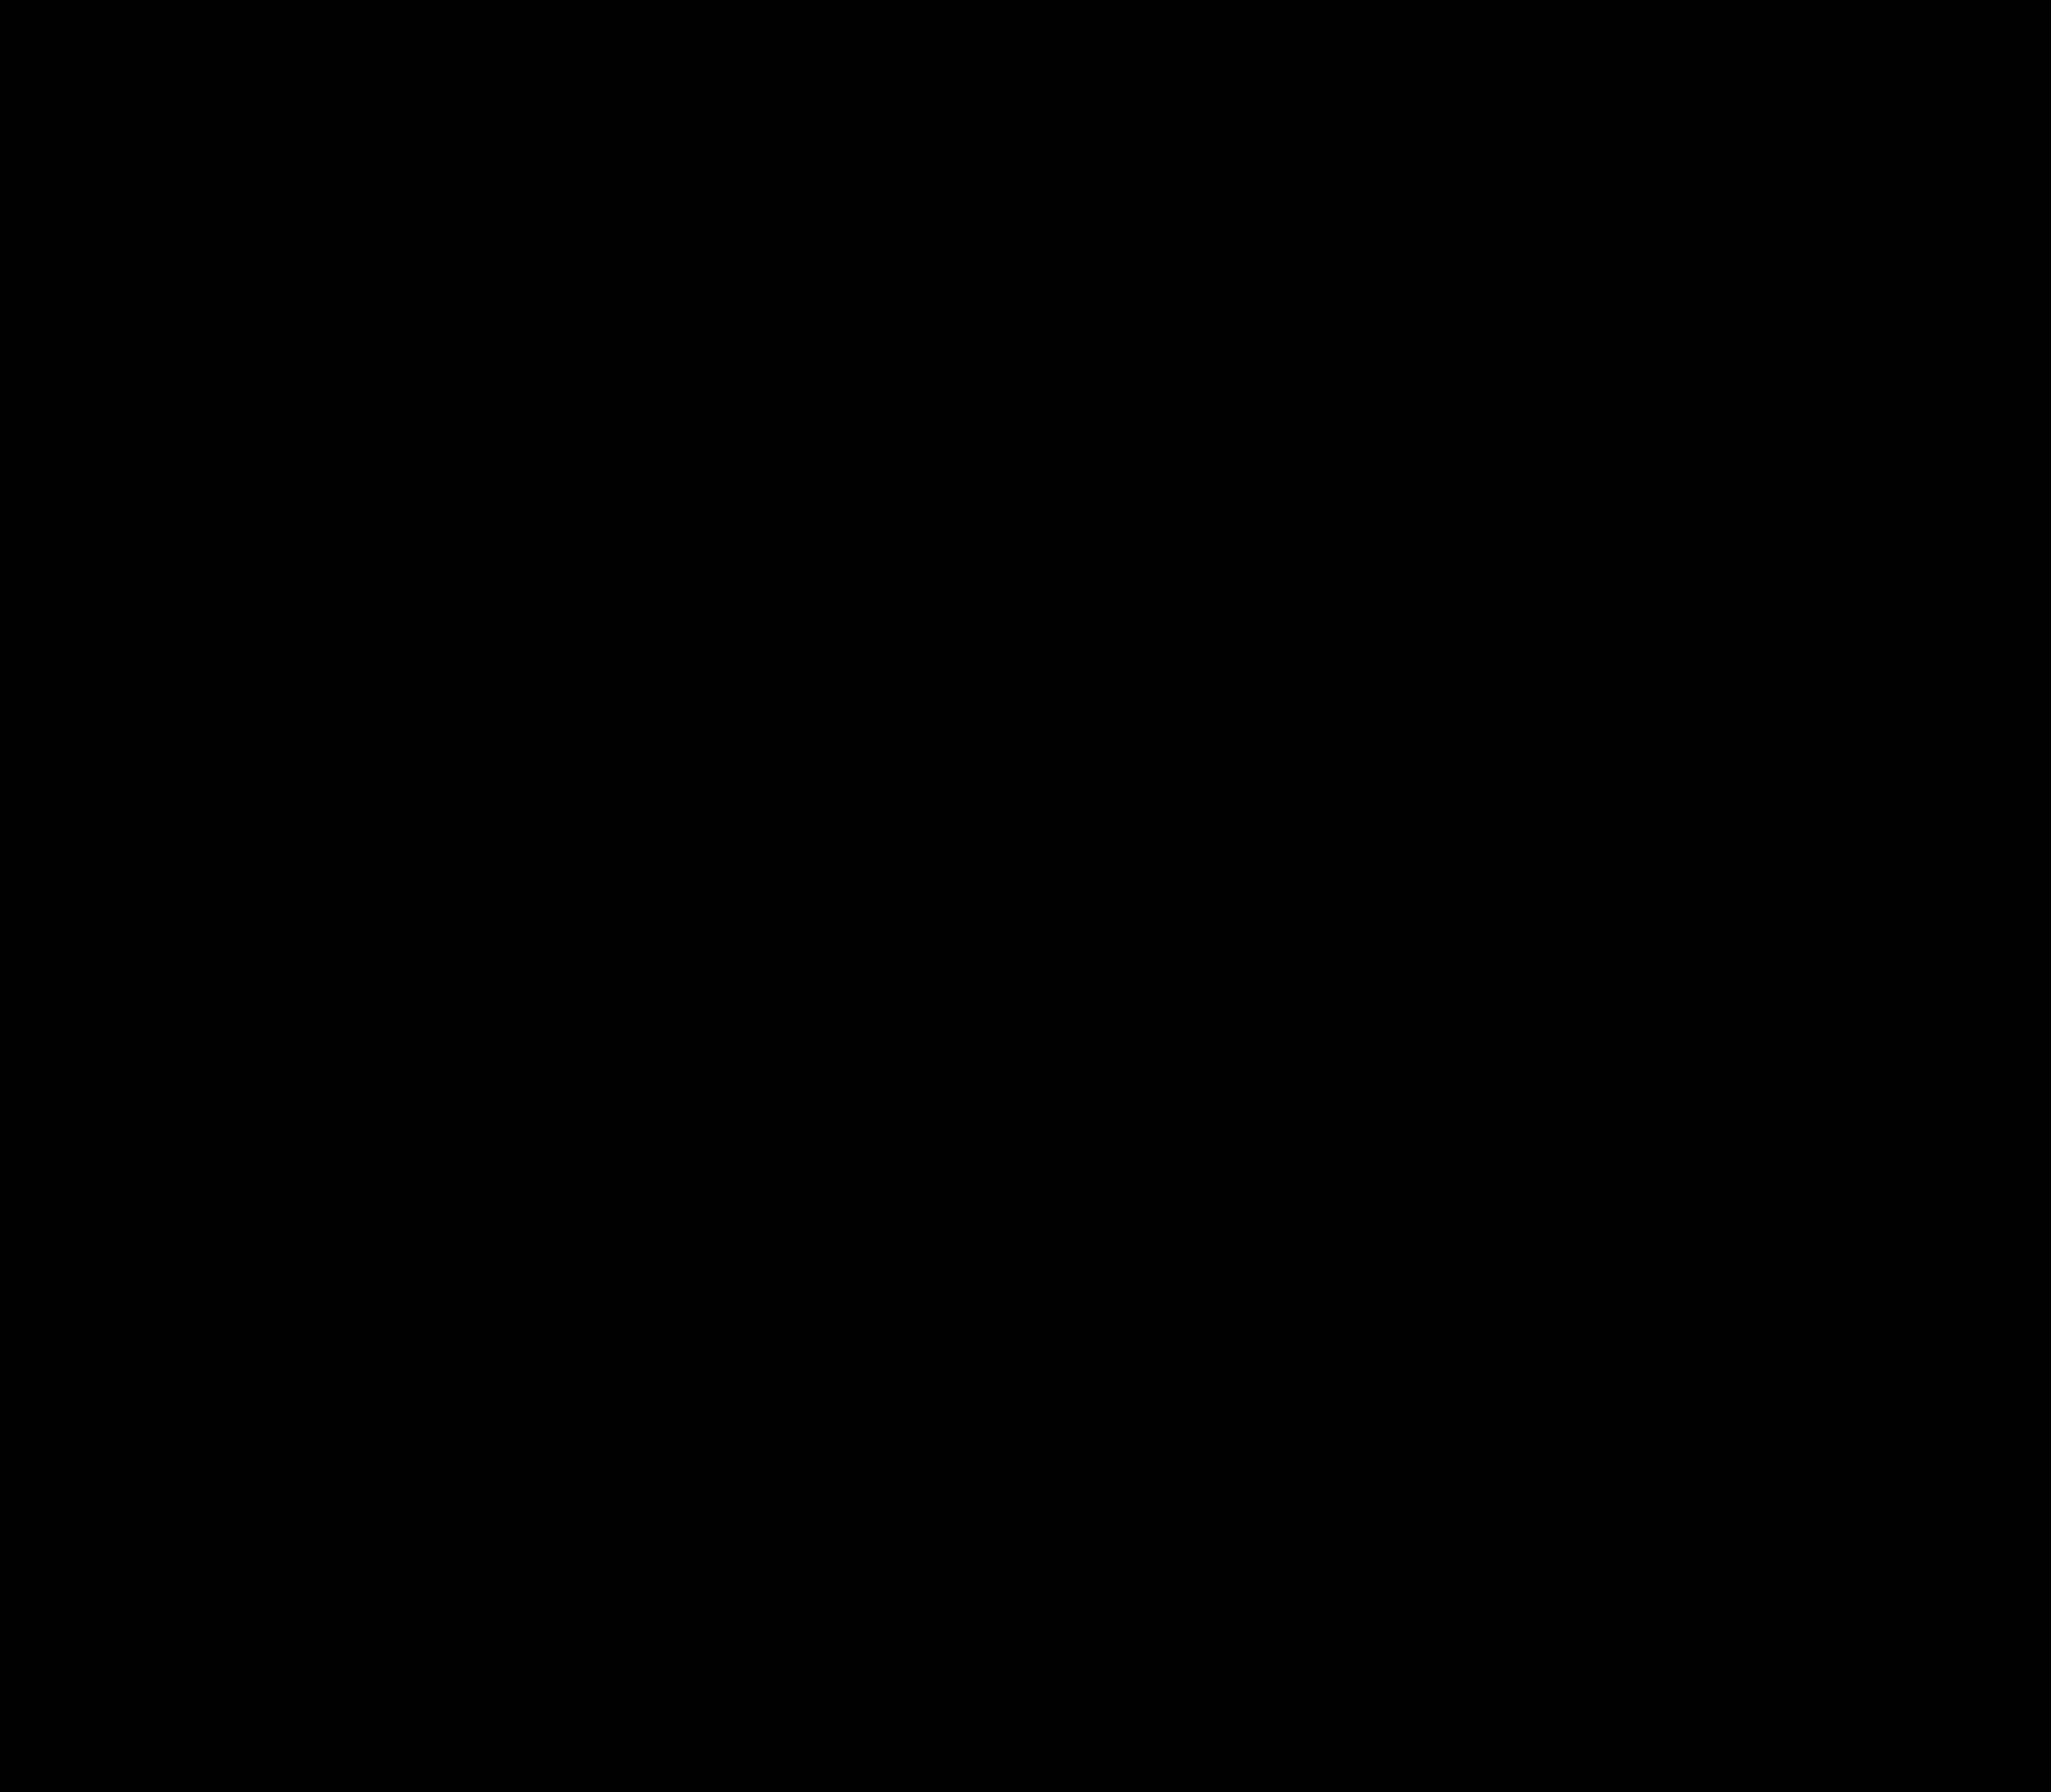 cyphercafe333